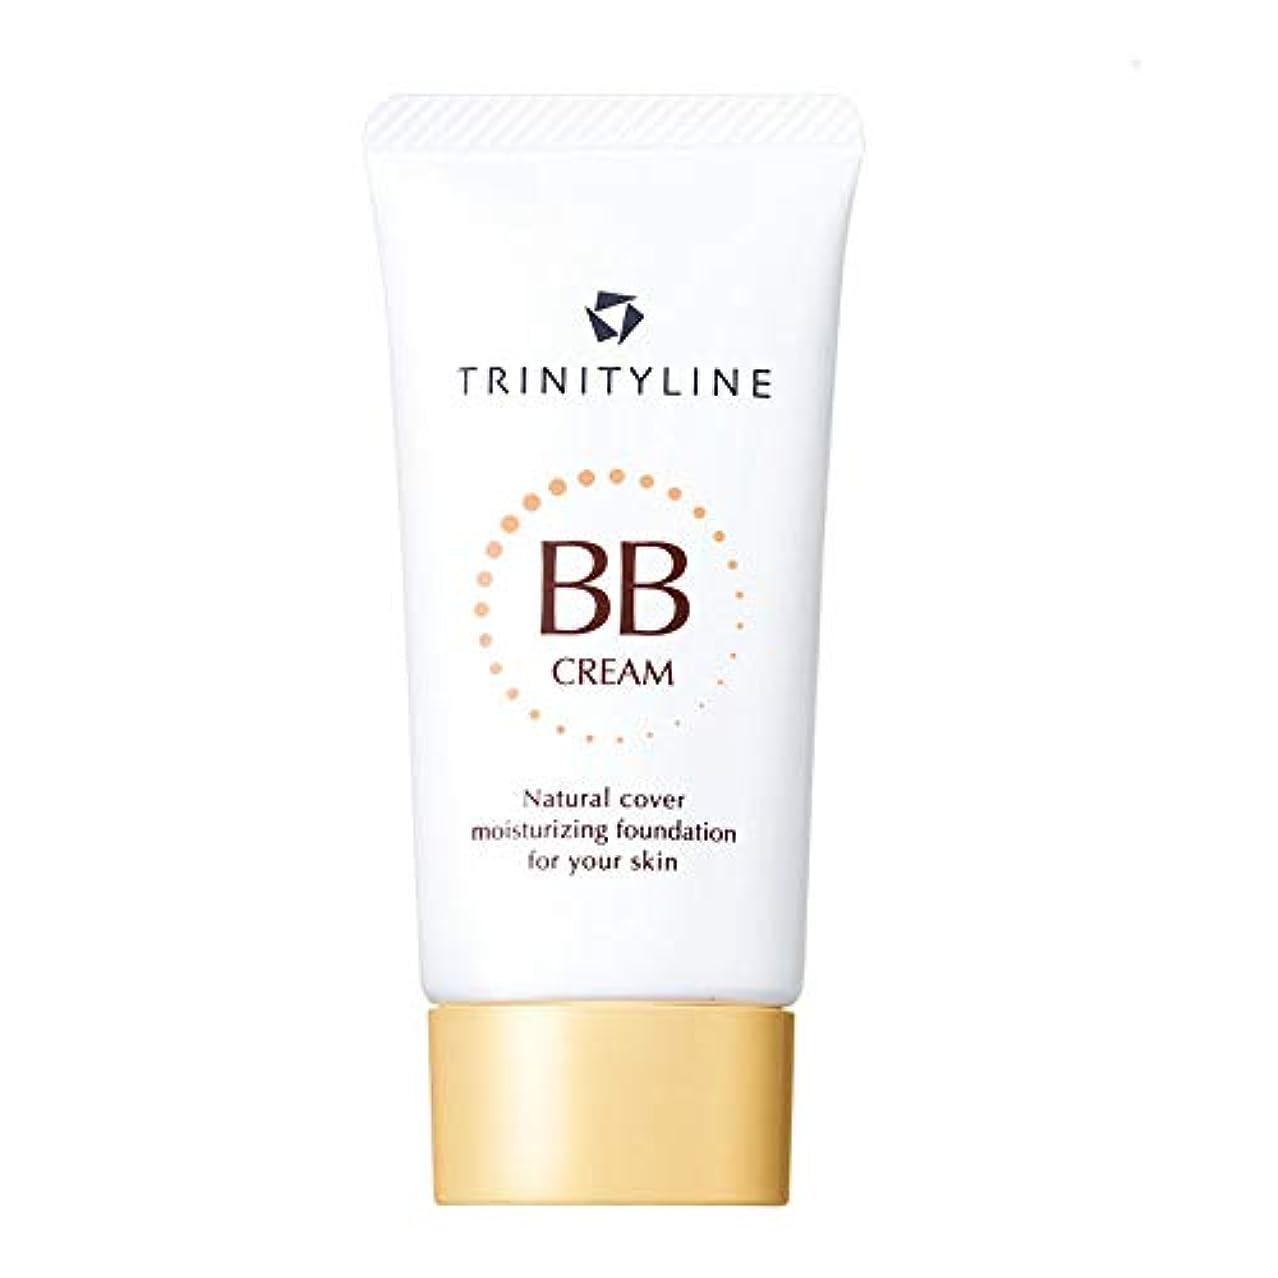 ディーラー支配的化学薬品トリニティーライン(TRINITYLINE) トリニティーライン BBクリーム (ツヤ肌に仕上げるスキンケアBBクリーム) 30g